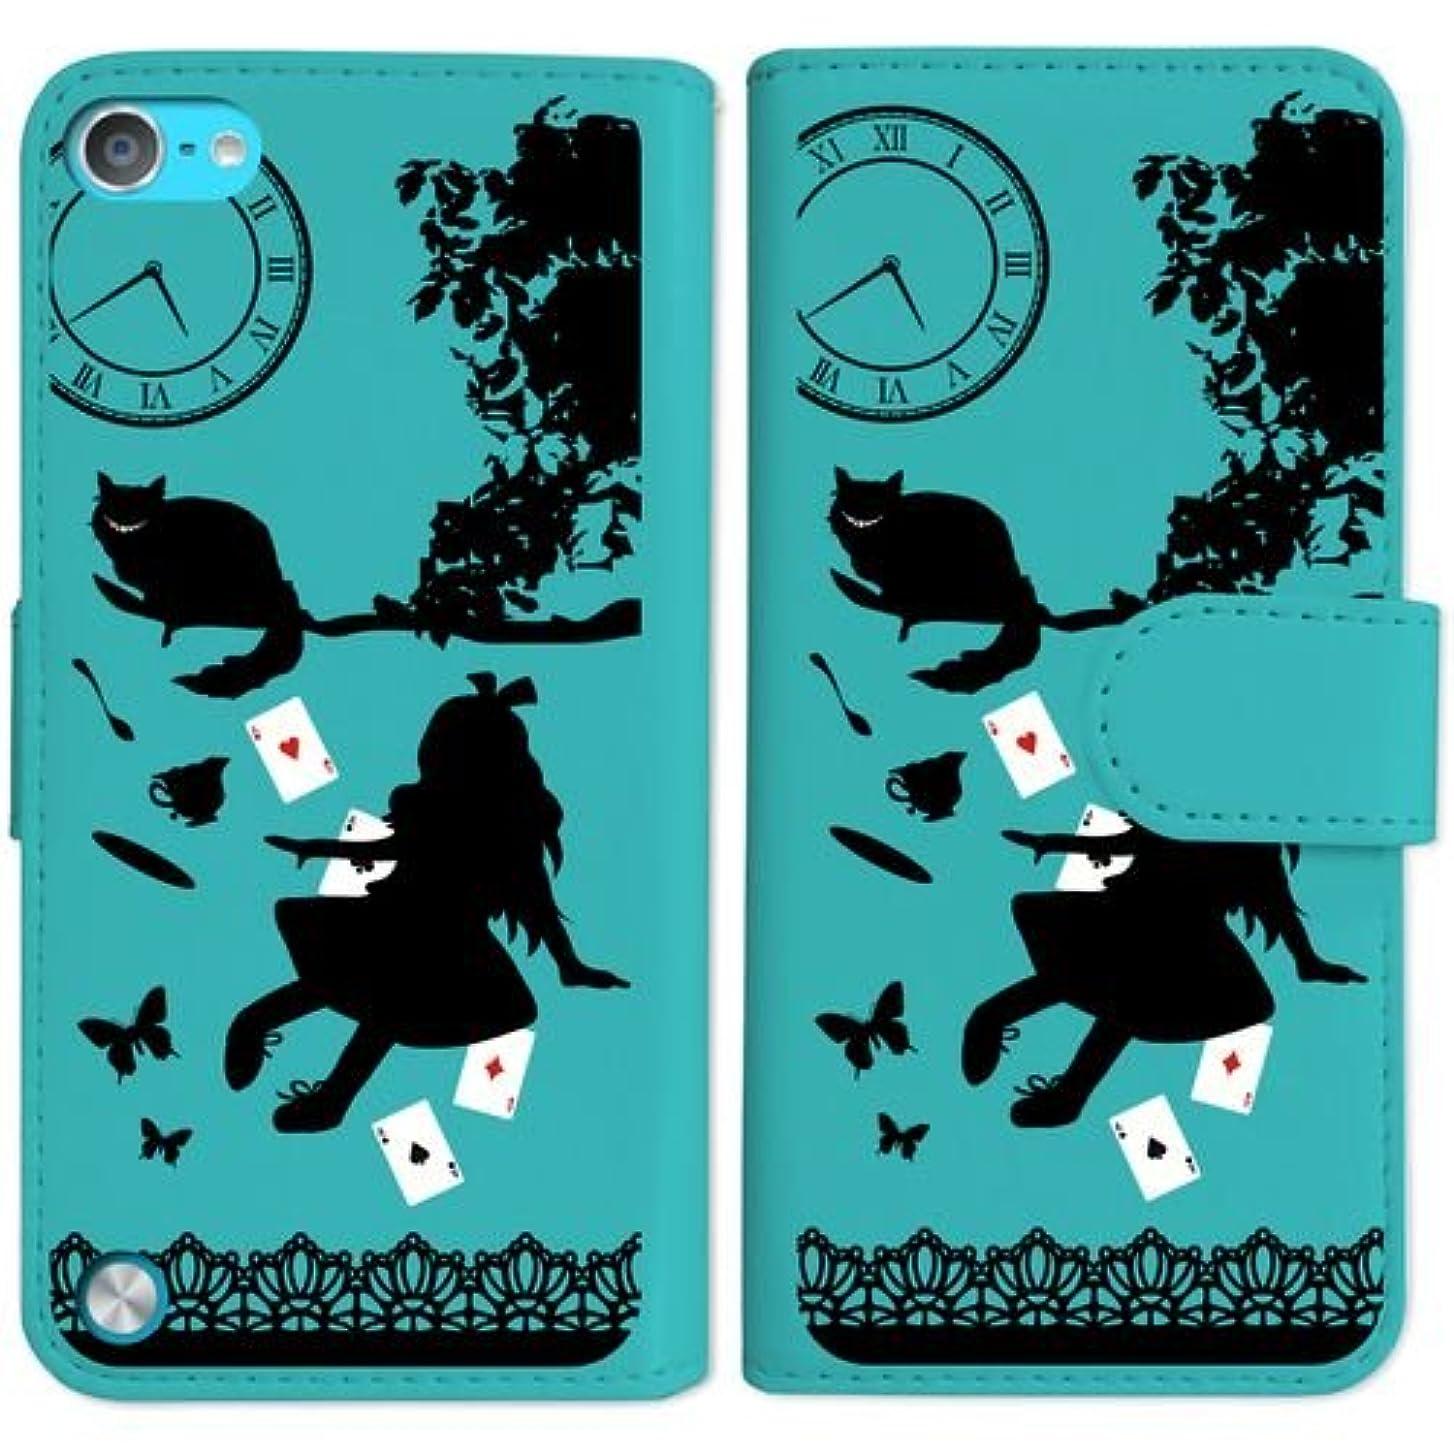 バックグラウンド航空機有効なsslink iPodTouch5 アイポッドタッチ5 手帳型 ブルー ケース Alice in wonderland(ブラック) アリス 猫 トランプ ダイアリータイプ 横開き カード収納 フリップ カバー